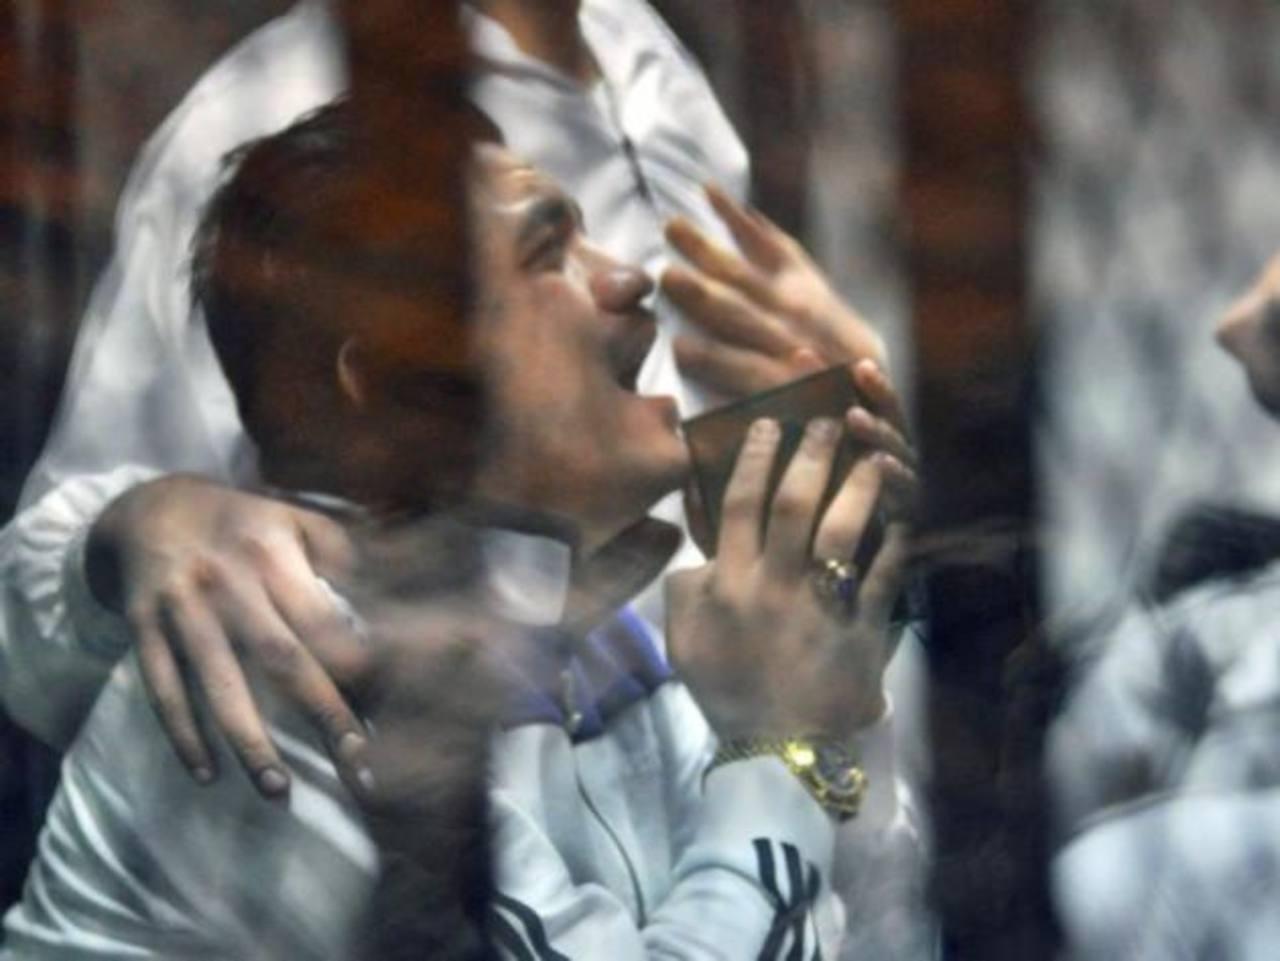 Condenan a 71 personas a cadena perpetua por incendiar una iglesia en Egipto